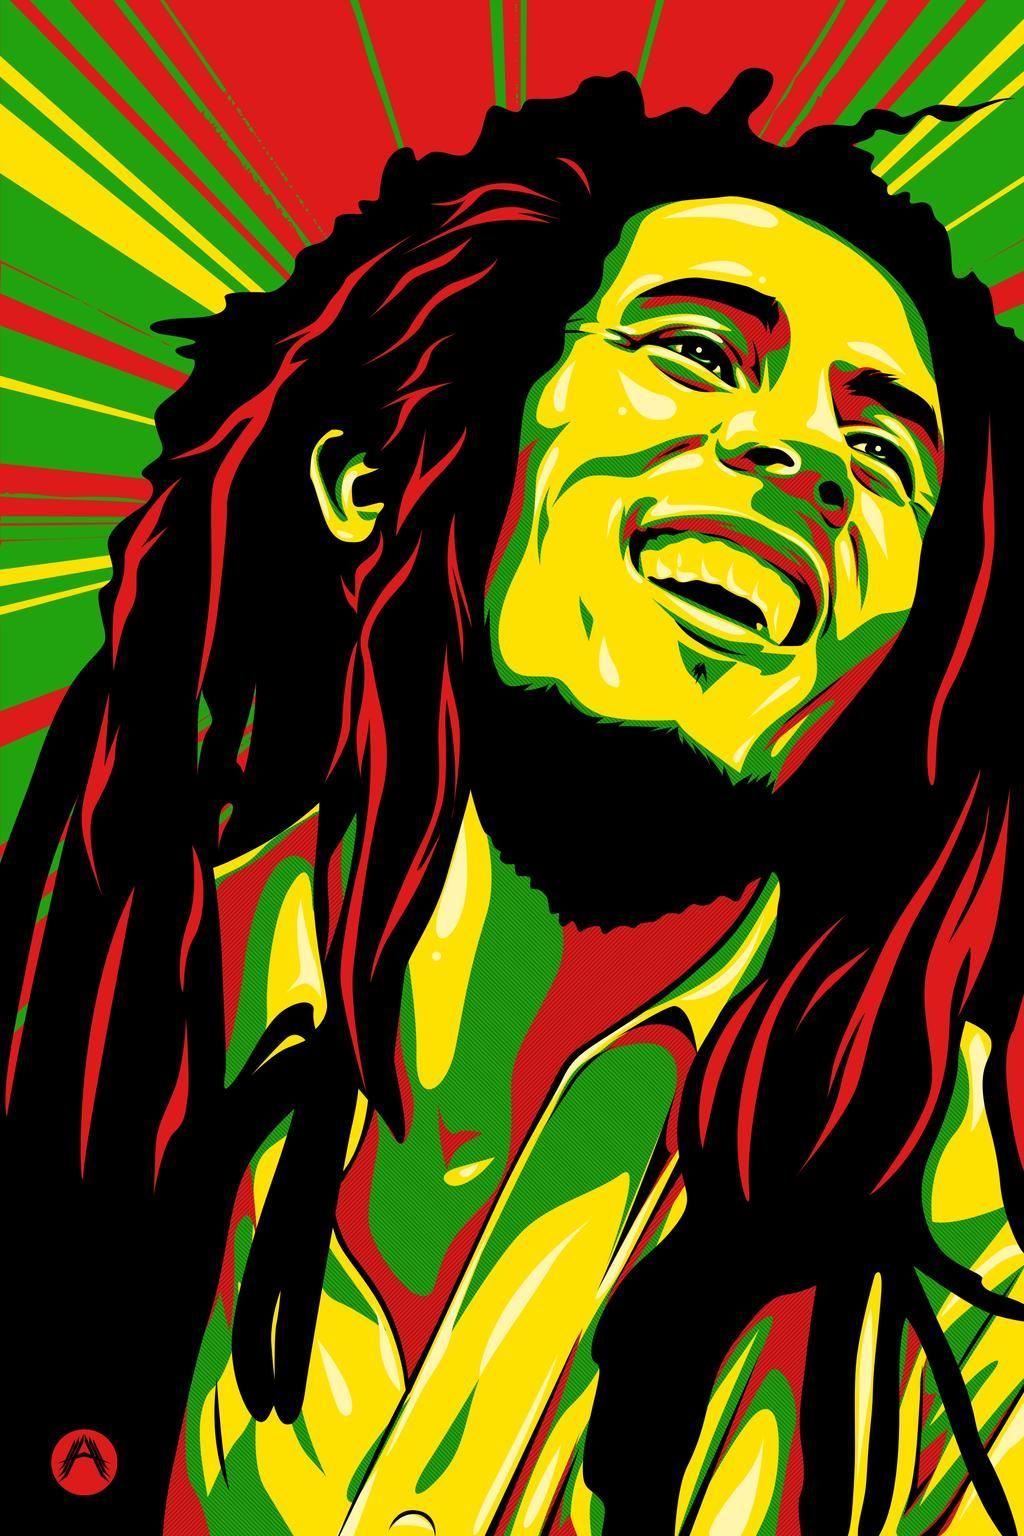 Bob Marley By Silverhornet29 On Deviantart Bob Marley Art Bob Marley Artwork Bob Marley Pictures